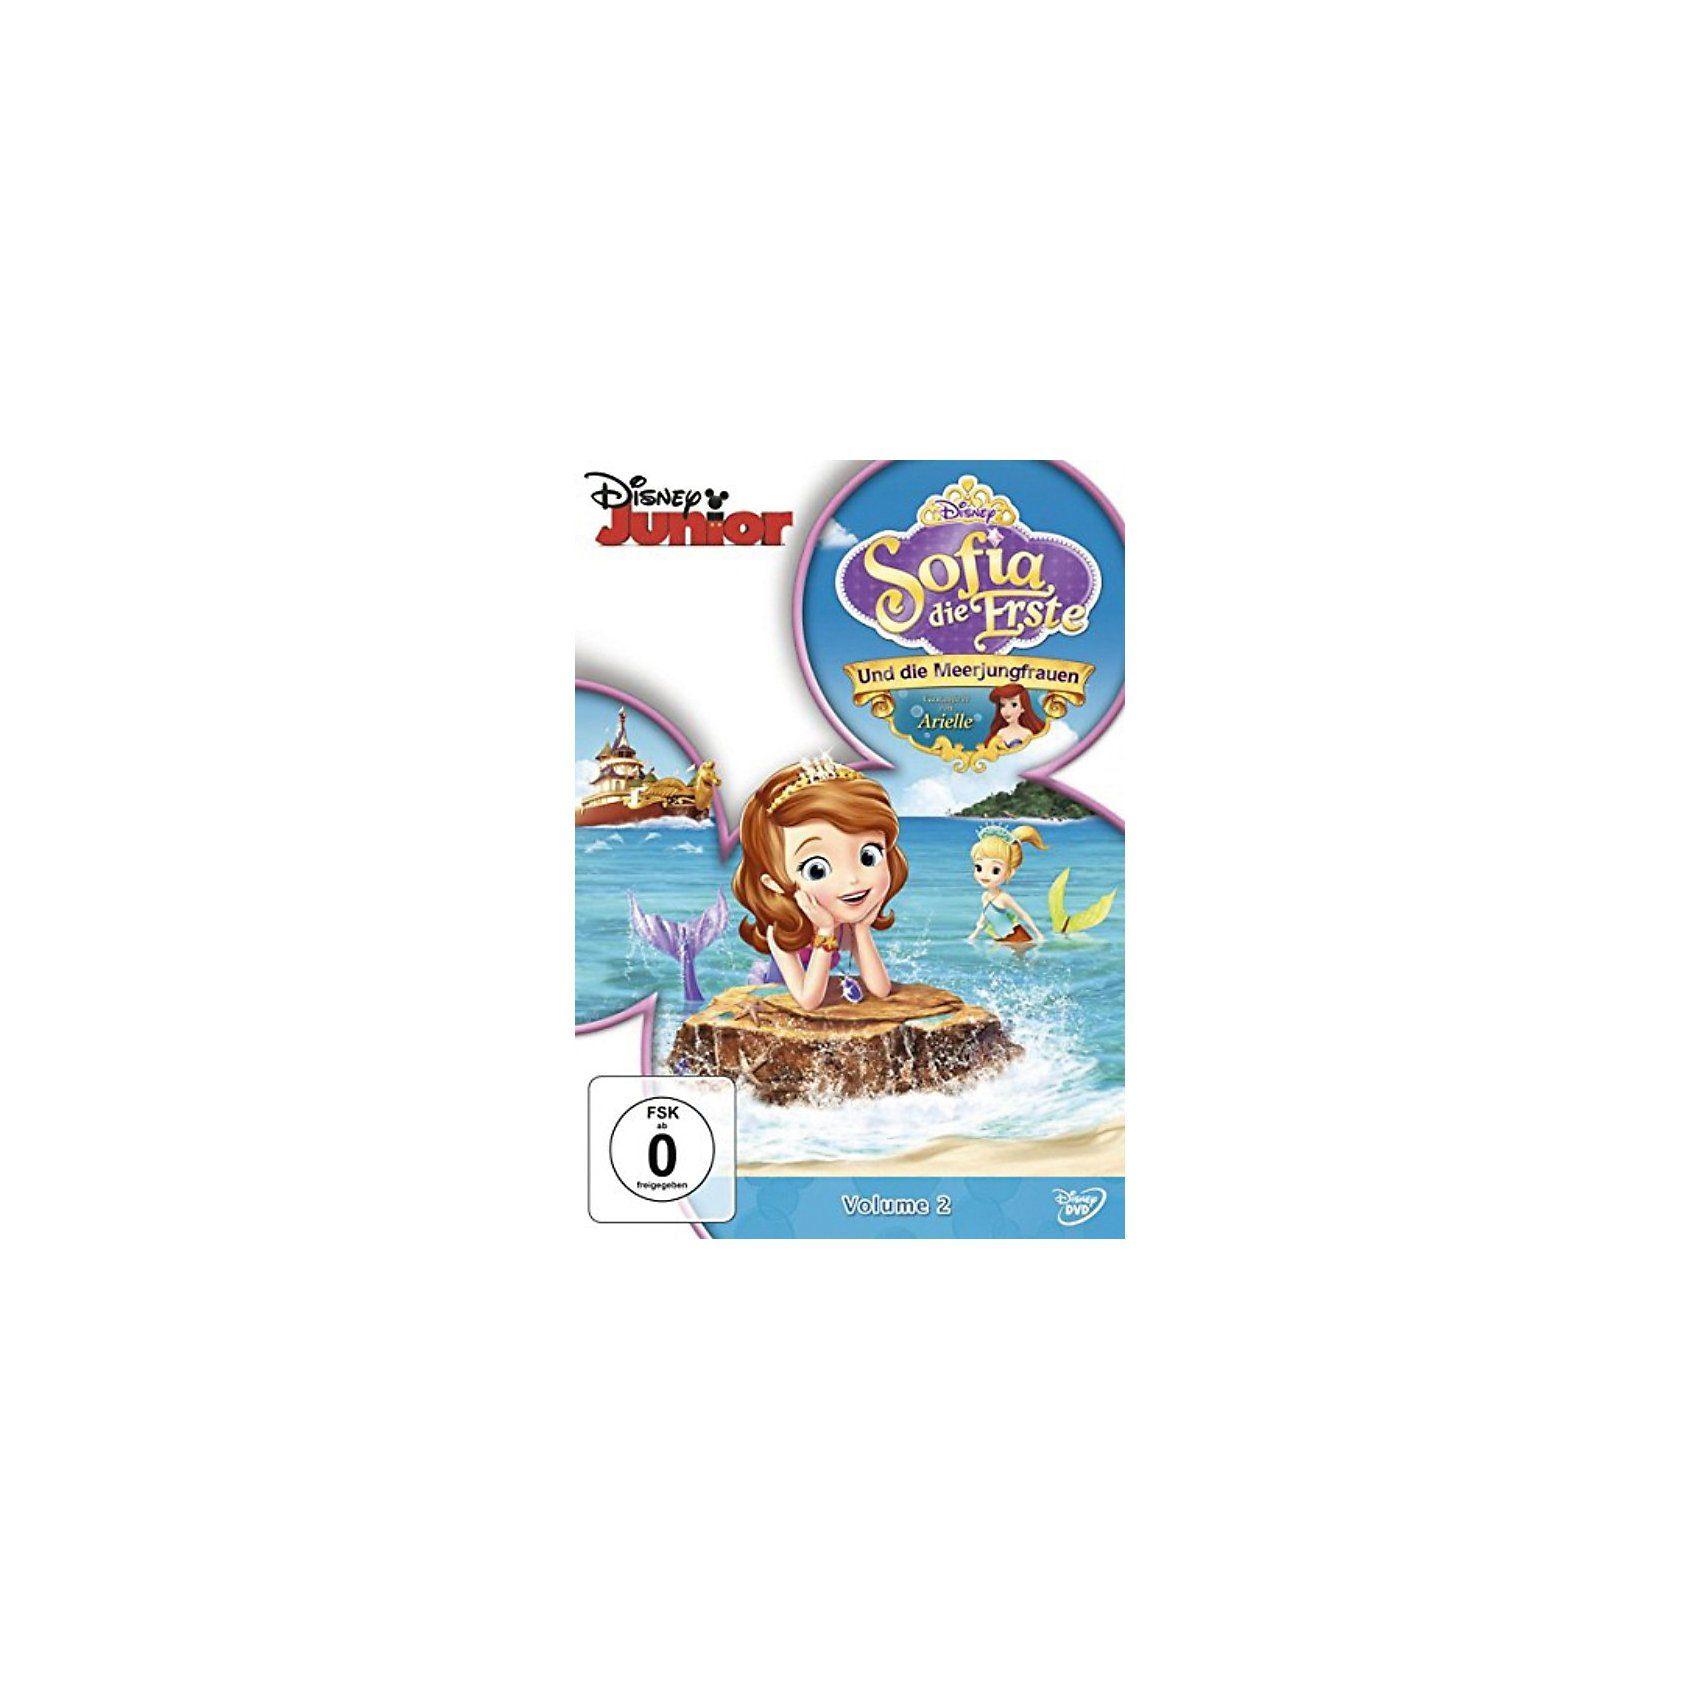 Disney DVD DVD Sofia die Erste und die Meerjungfrauen Vol. 2